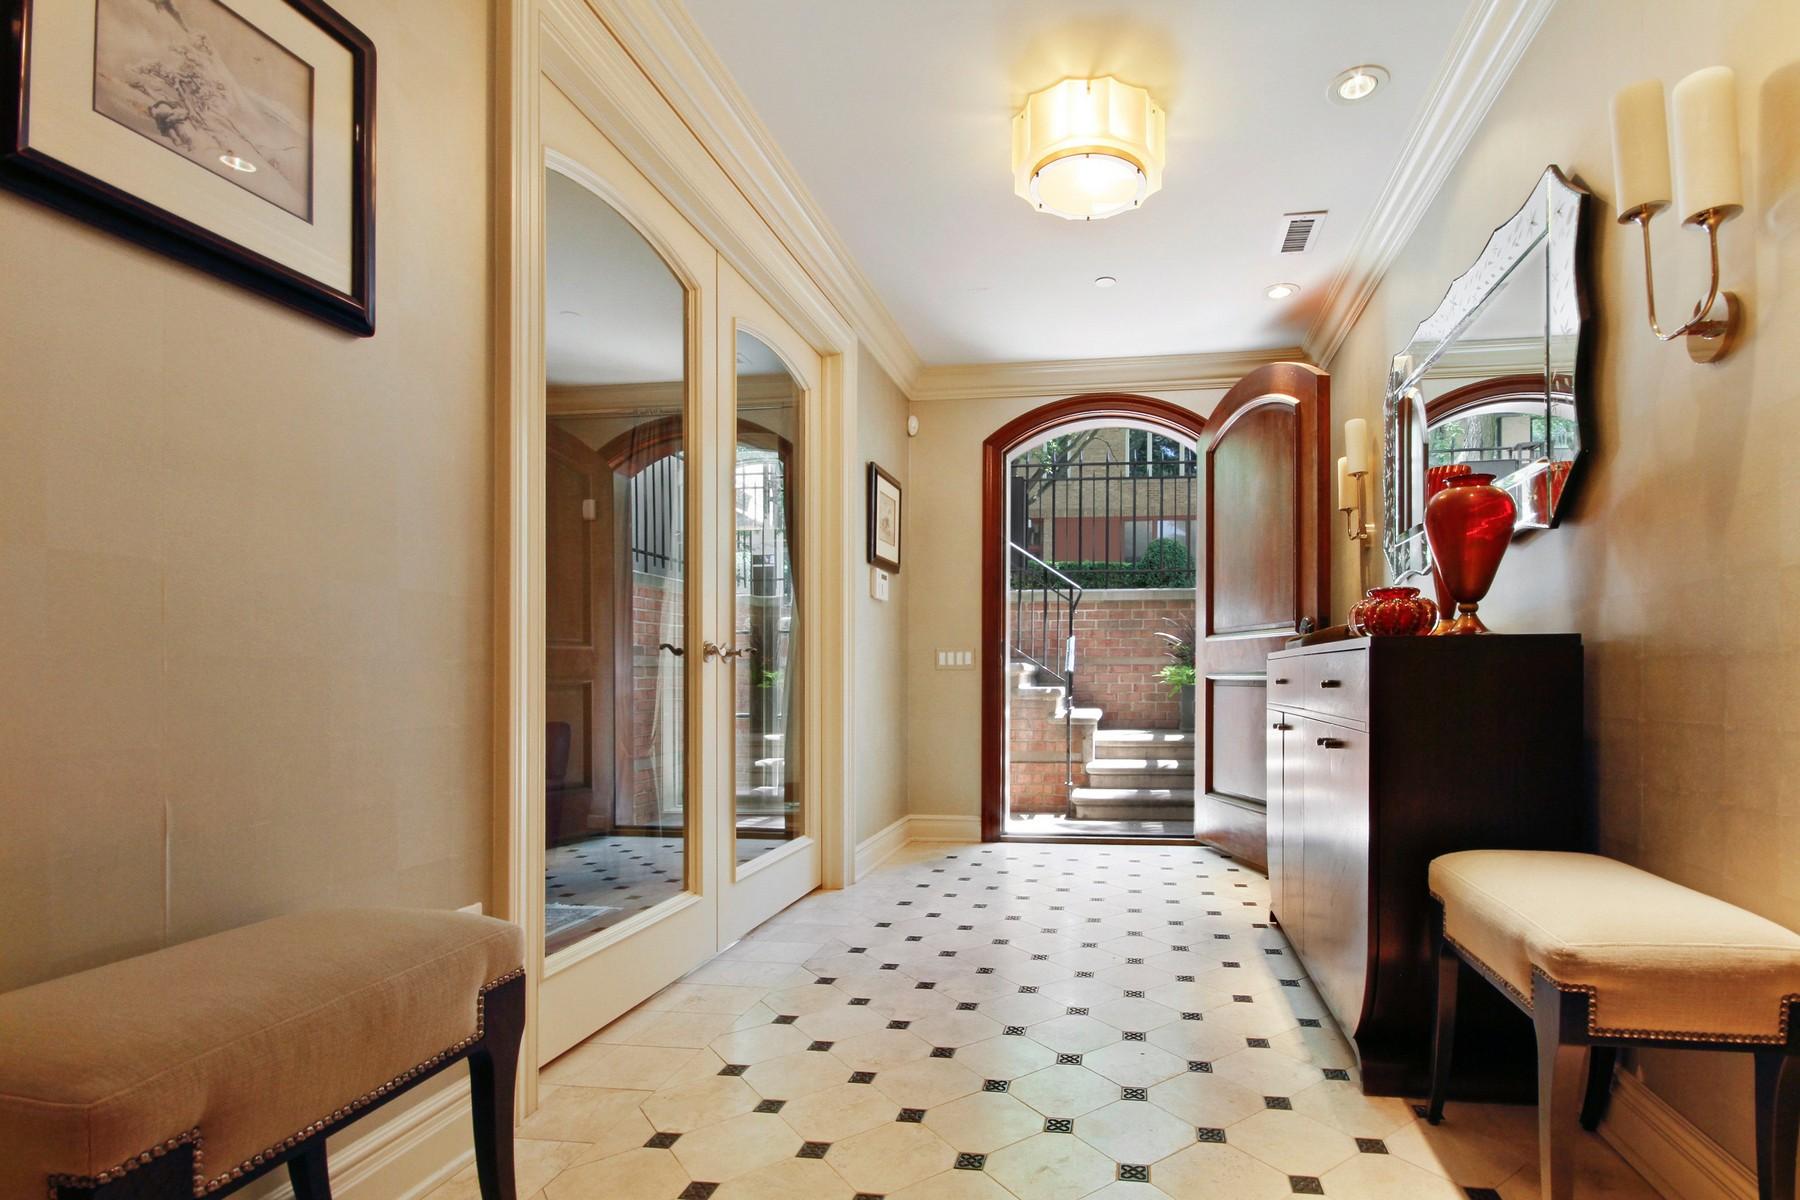 Частный односемейный дом для того Продажа на Elegant Custom-Built Lincoln Park Home 1744 N Cleveland Avenue, Chicago, Иллинойс, 60614 Соединенные Штаты